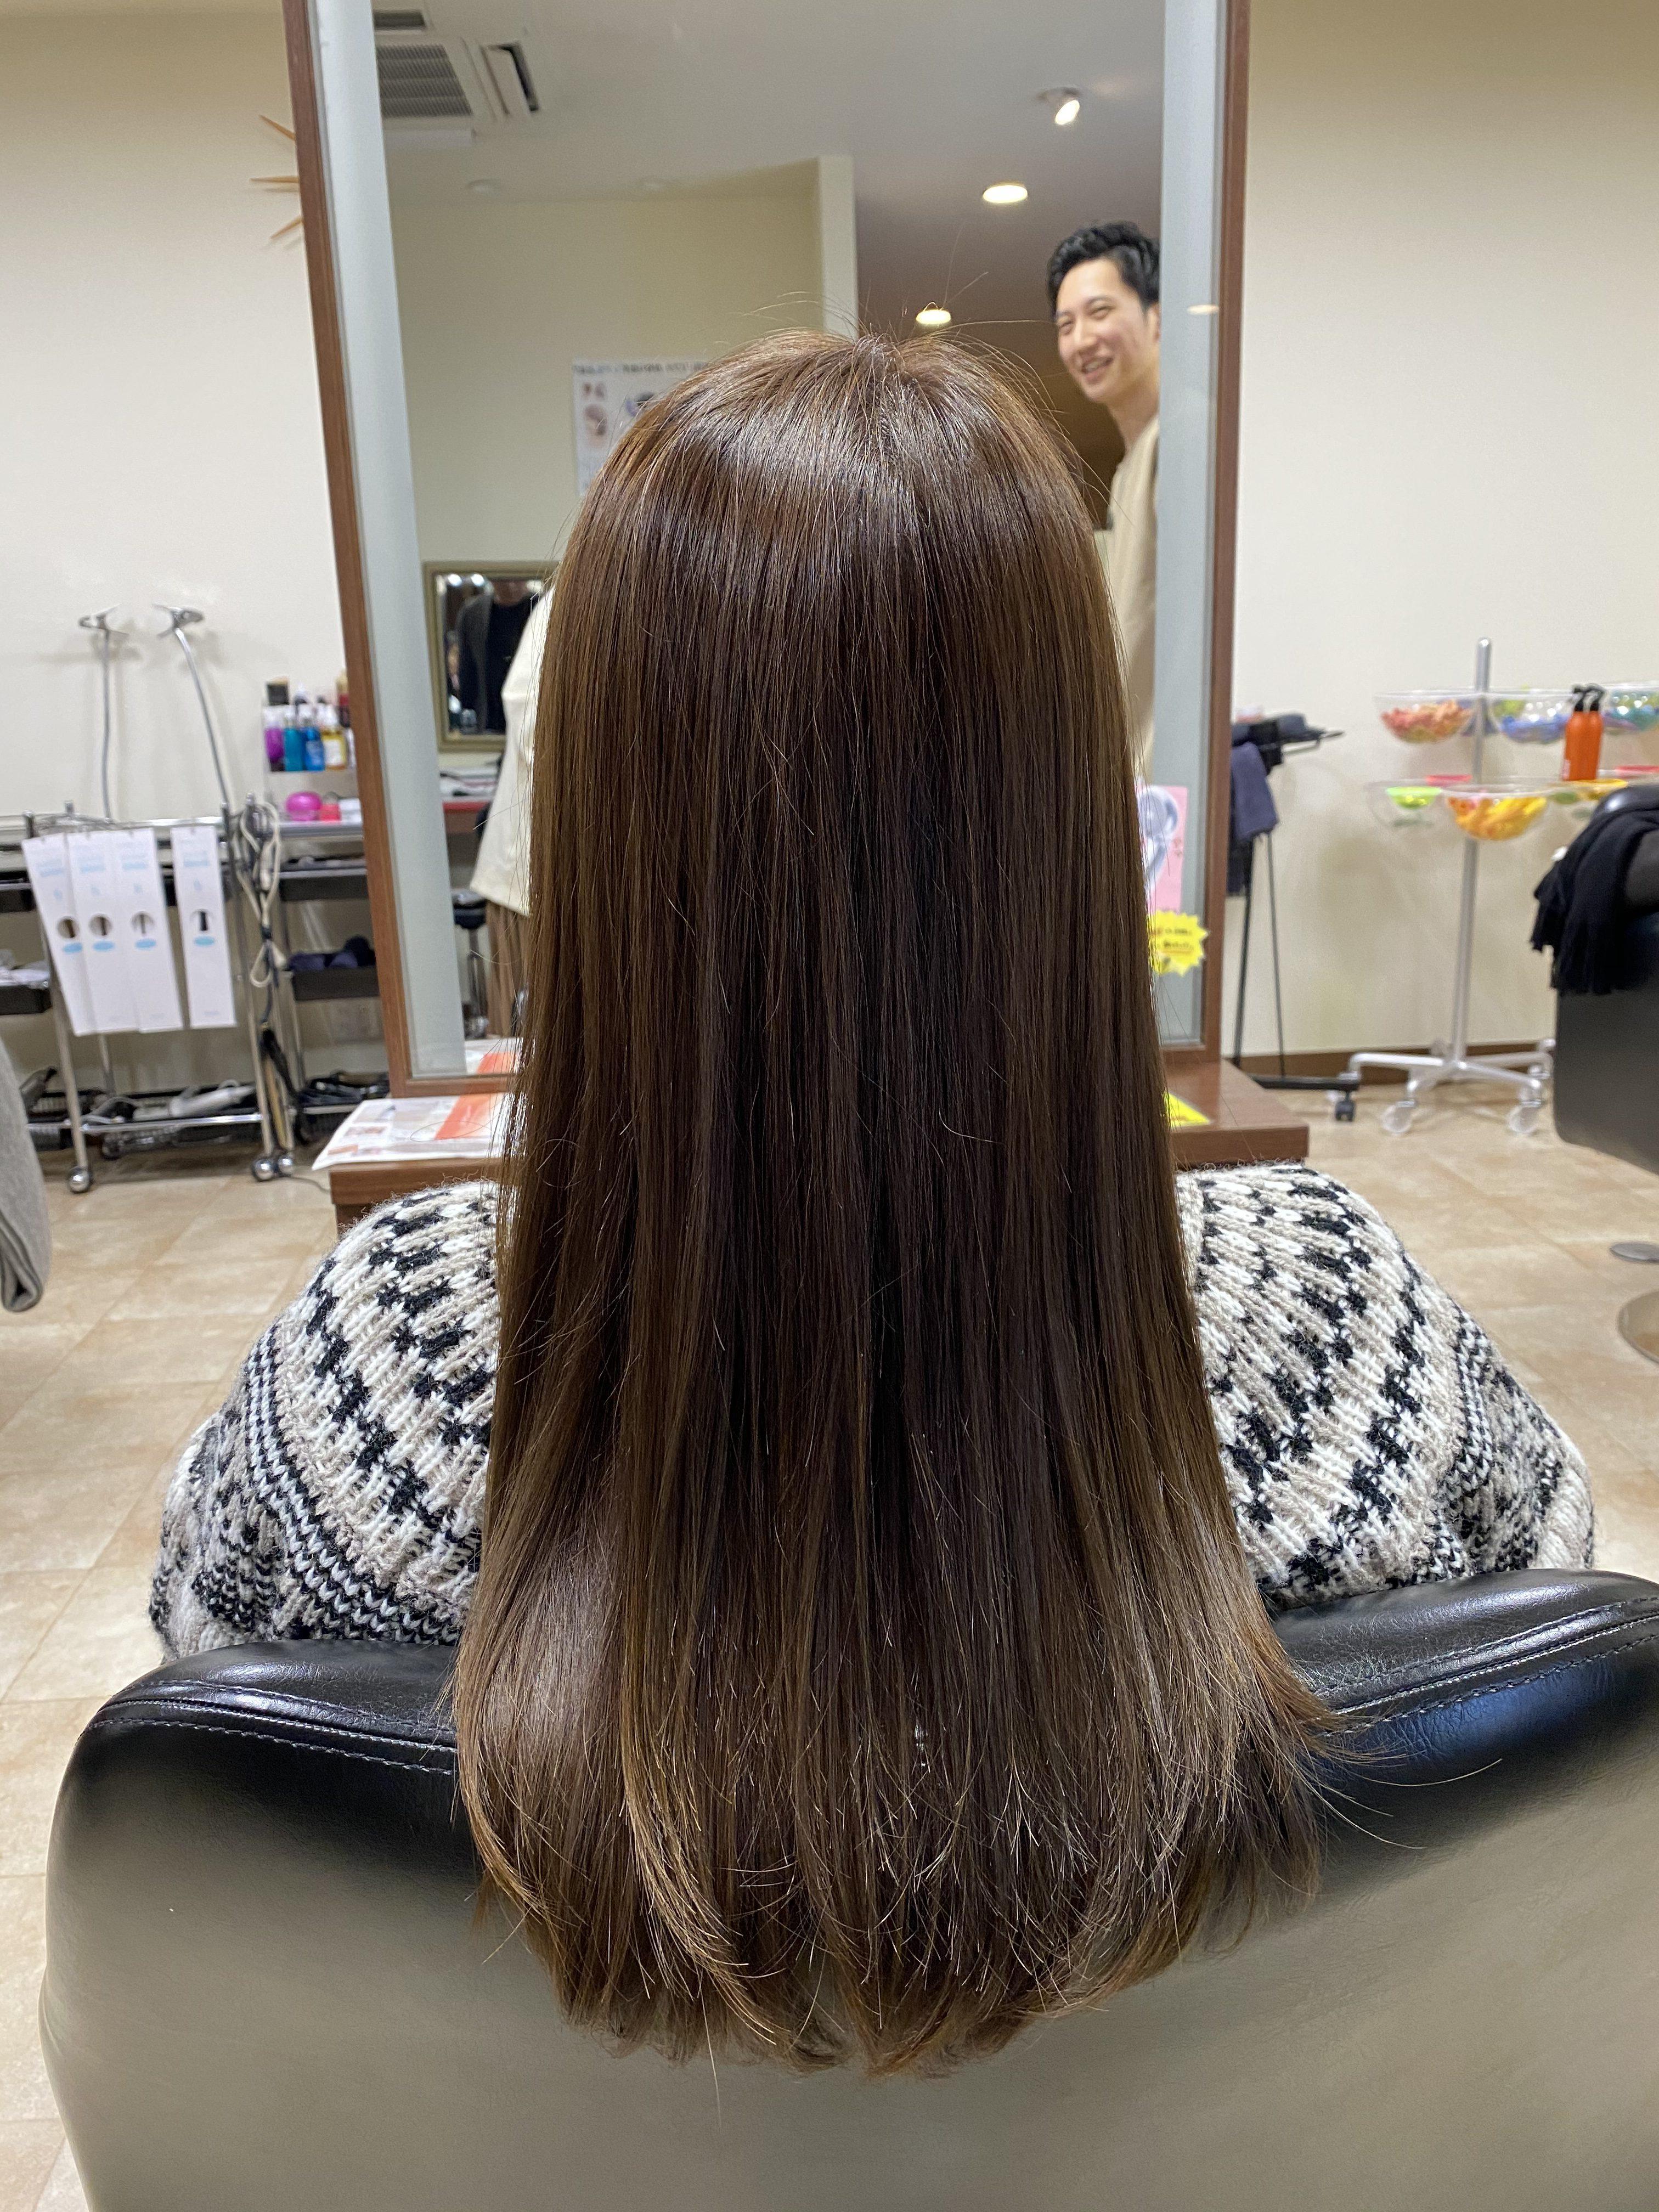 広島県廿日市市にある美容室プロッソル廿日市店で髪のダメージ、肌荒れ改善が出来る魔法の水ヤクジョスイで日頃の肌の悩み髪の悩みも解決できます。